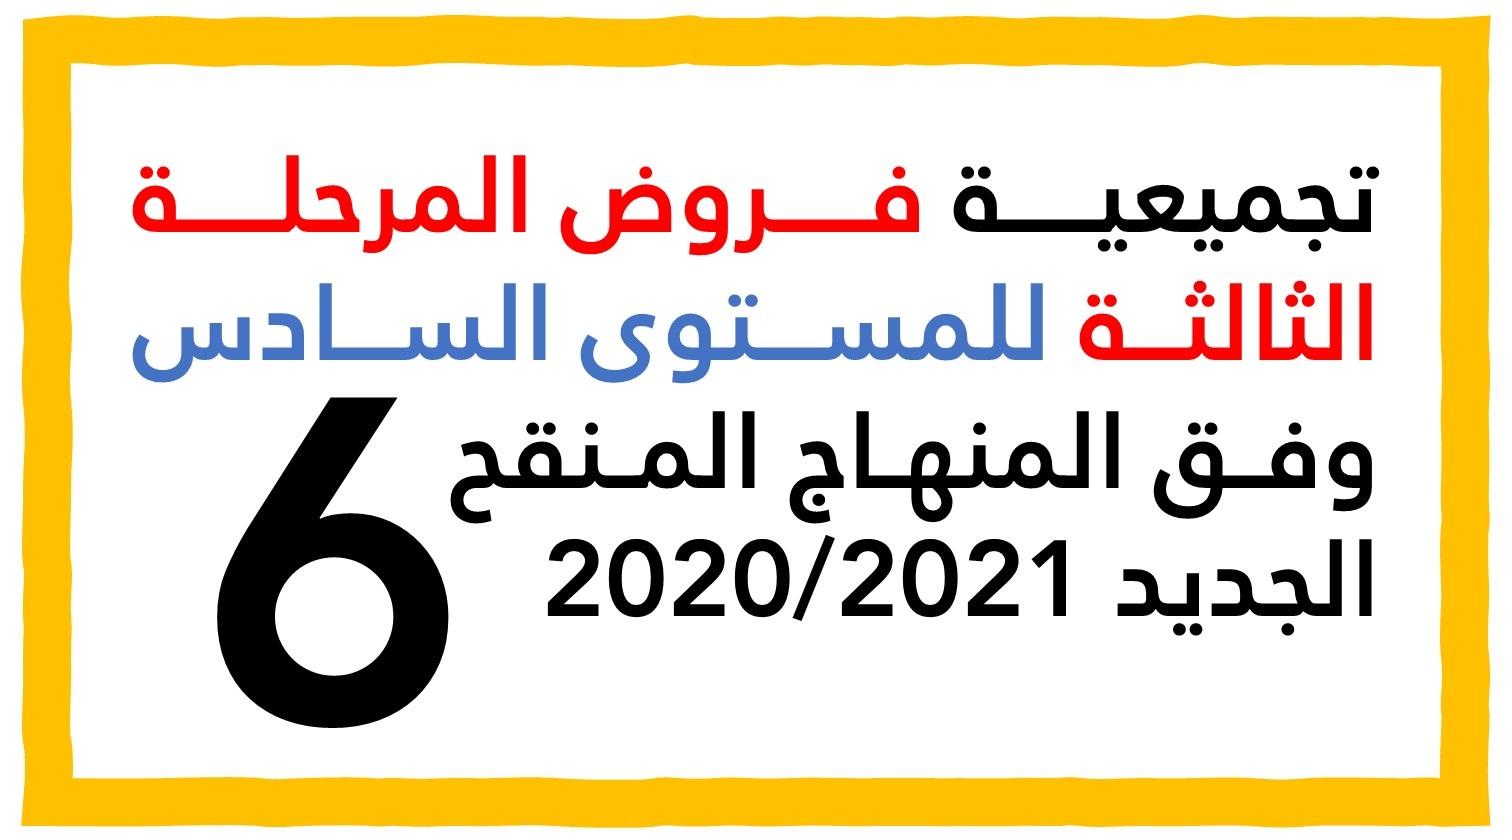 تحميل فروض المرحلة الثالثة للمستوى السادس ابتدائي وفق آخر المستجدات 2021